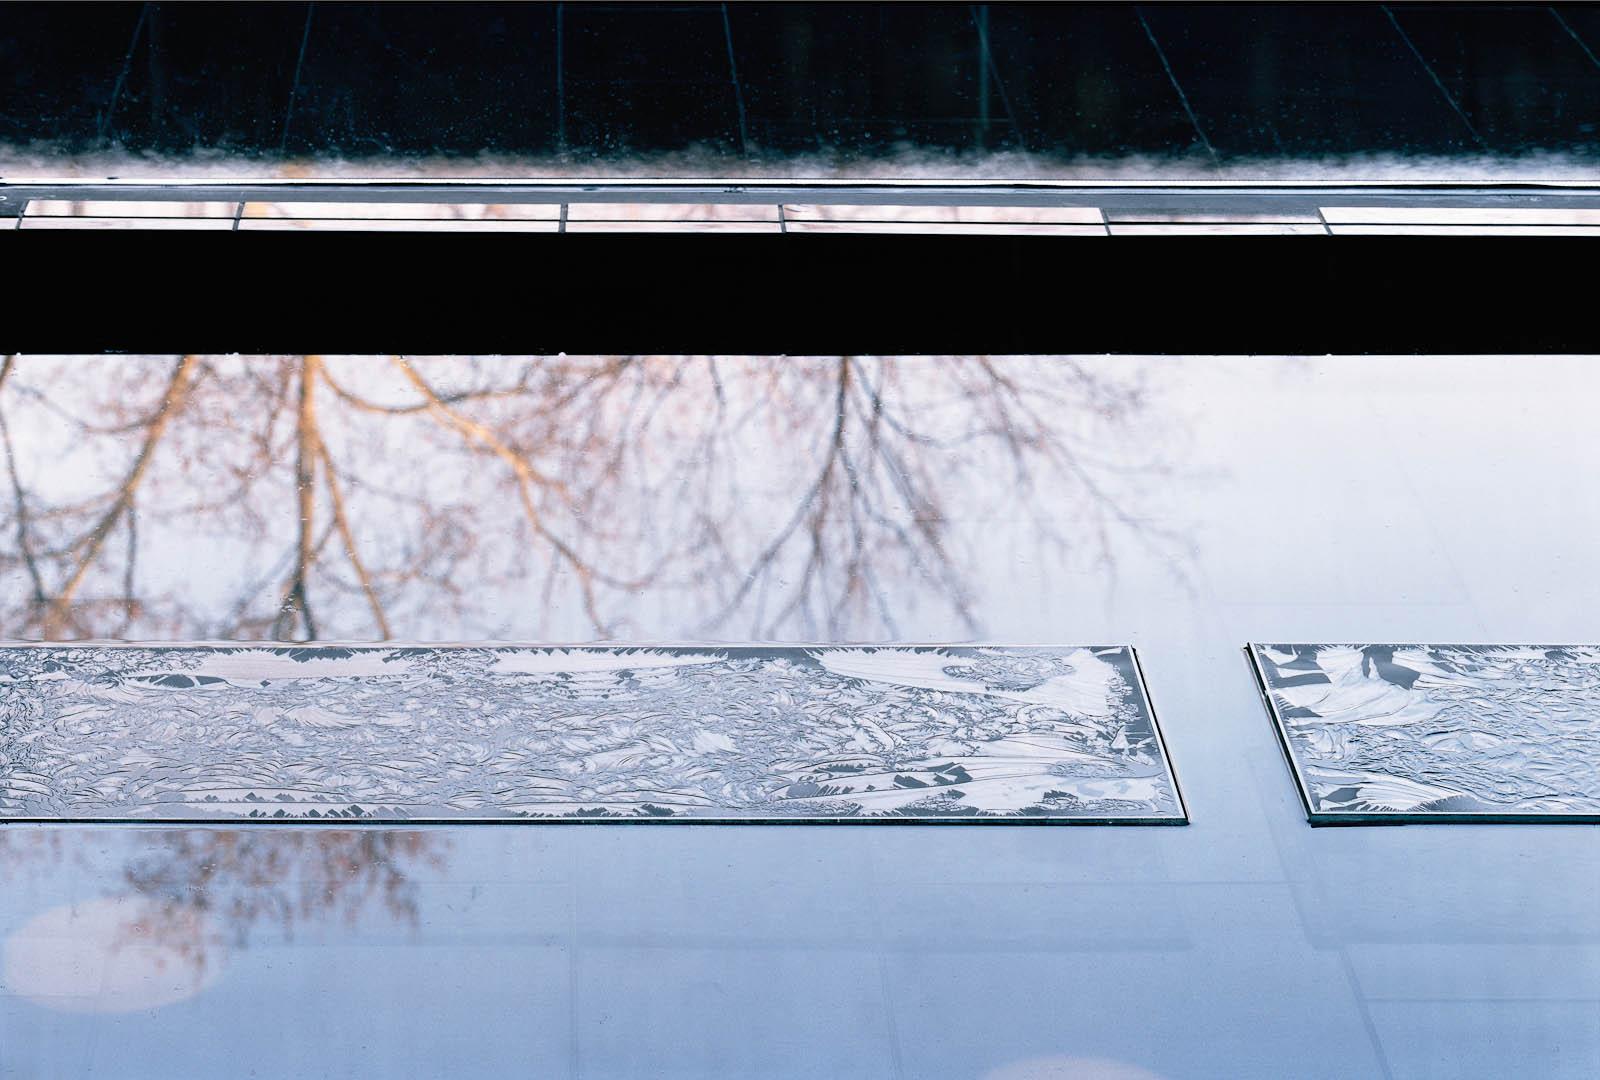 Frostig rektangulär glasskiva som ligger i en vattenspegel.